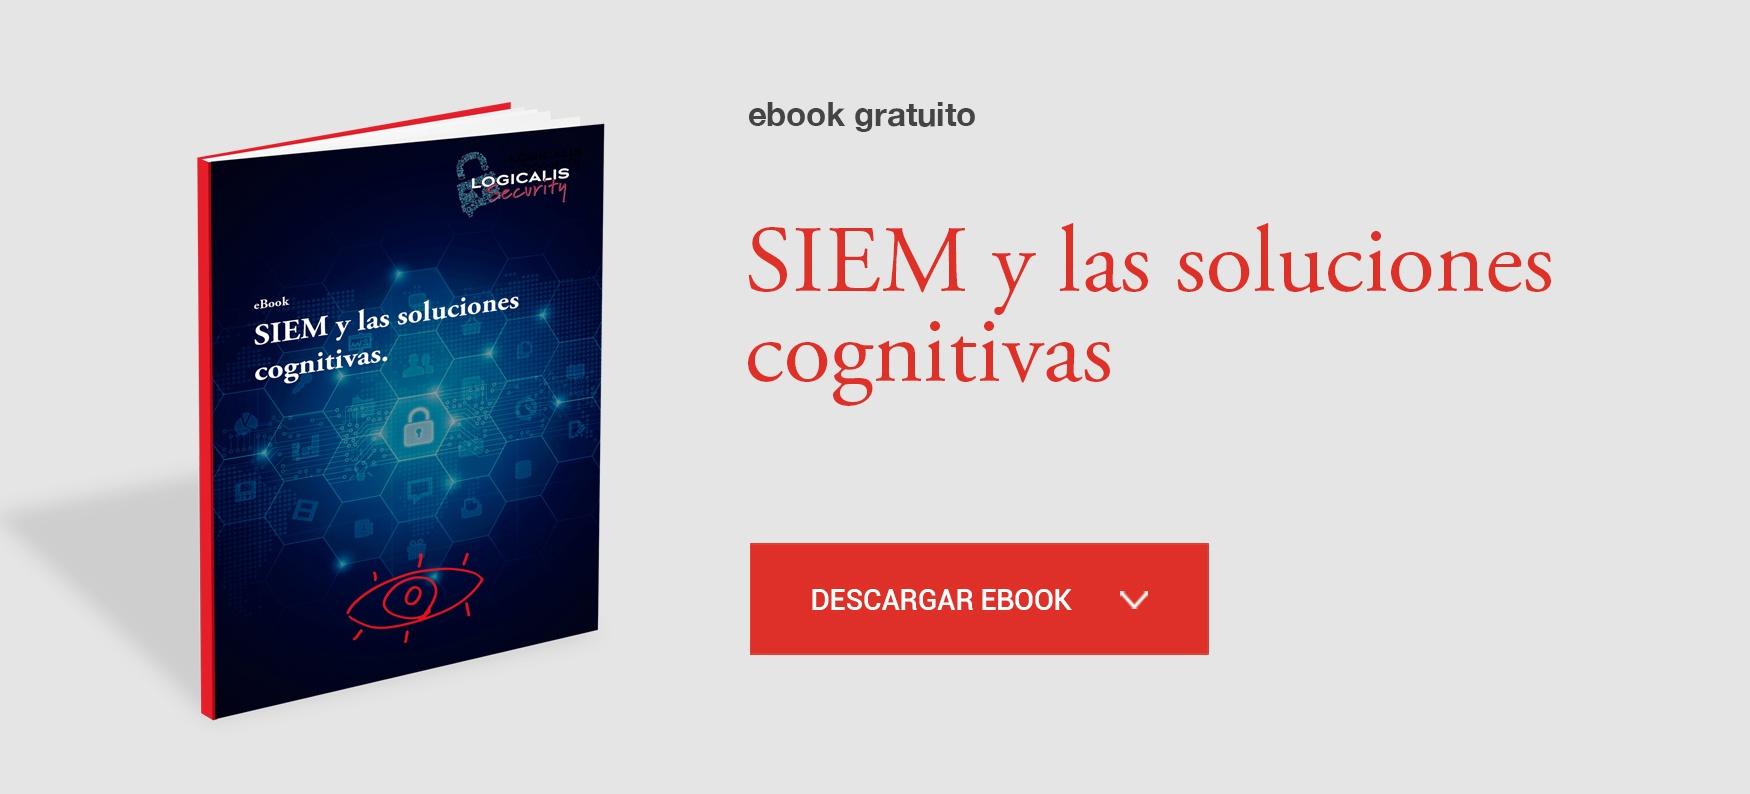 Ebook SIEM y las soluciones cognitivas